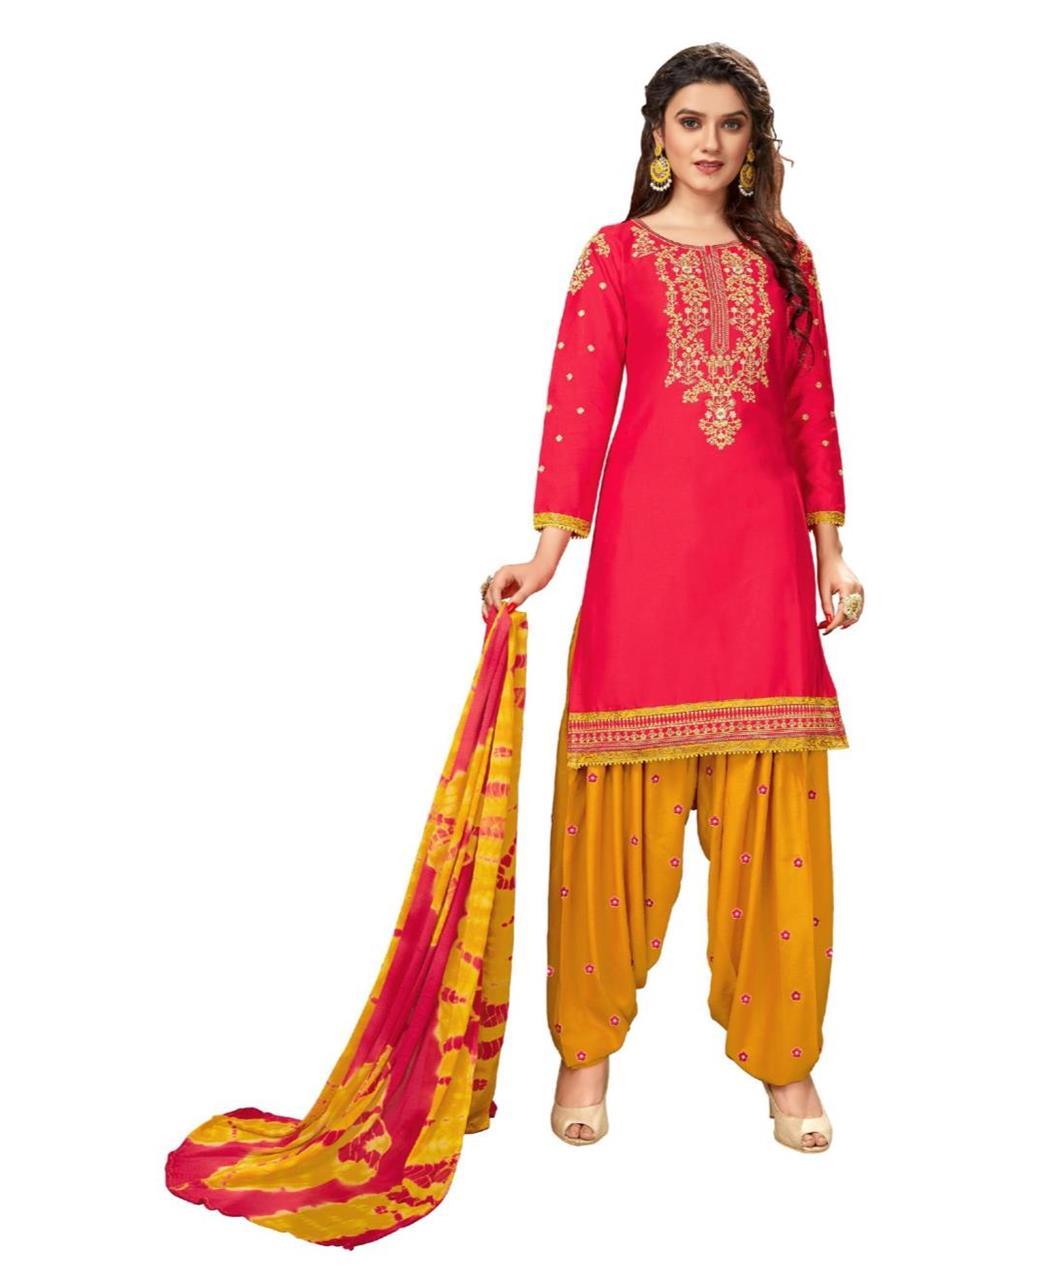 Stone Work Cotton Patiyala Suit Salwar in Red